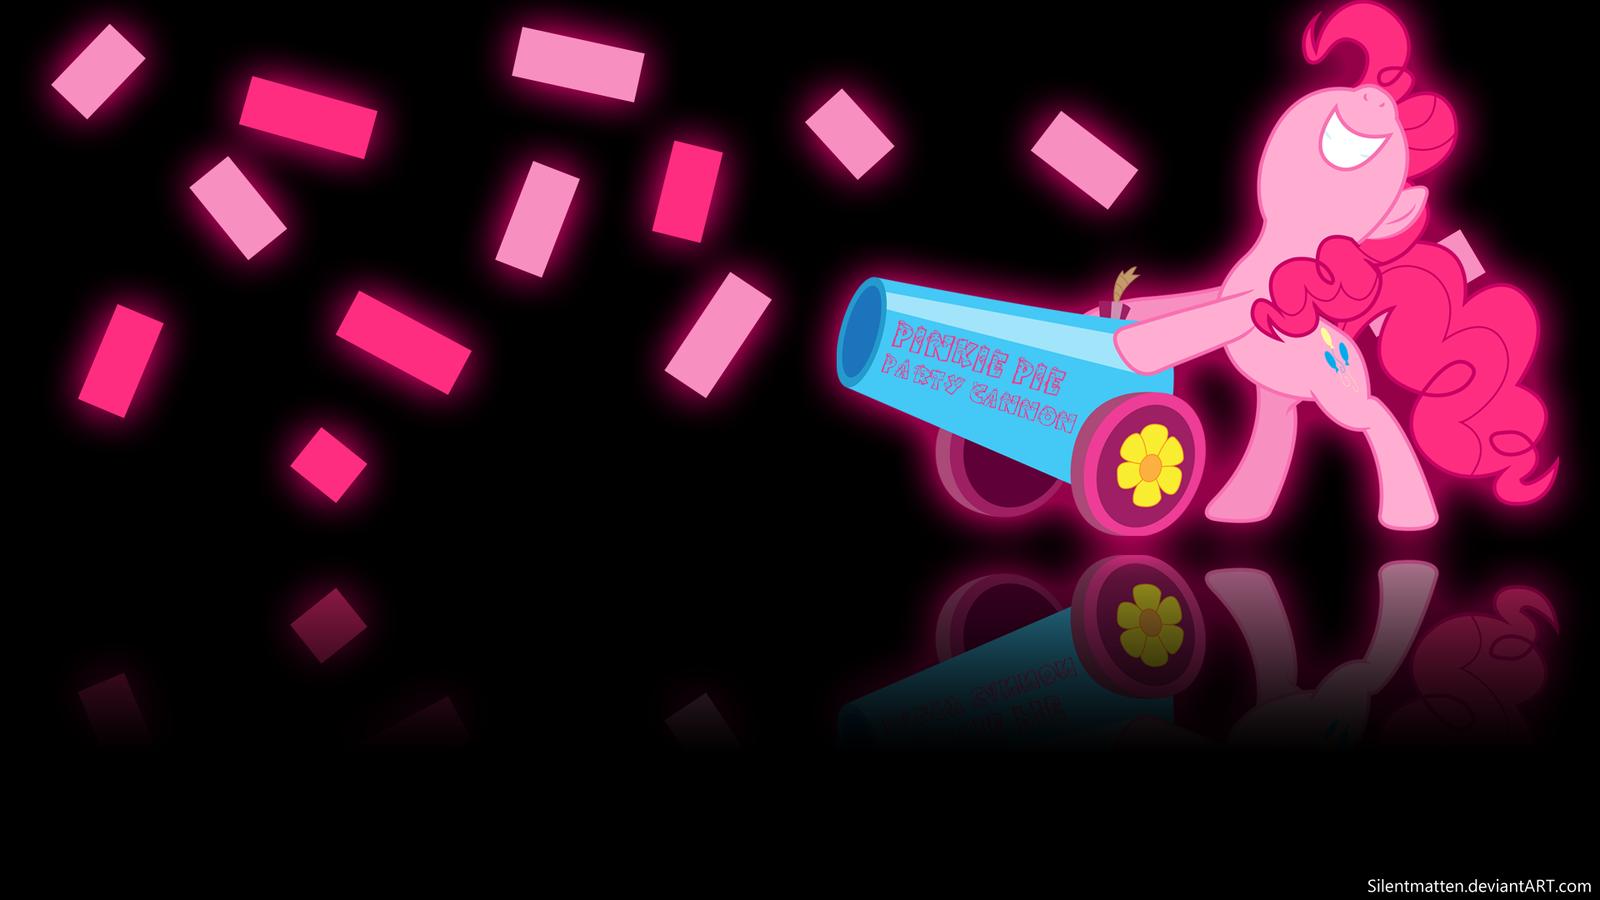 Pinkie Pie's Party Cannon Wallpaper by Silentmatten